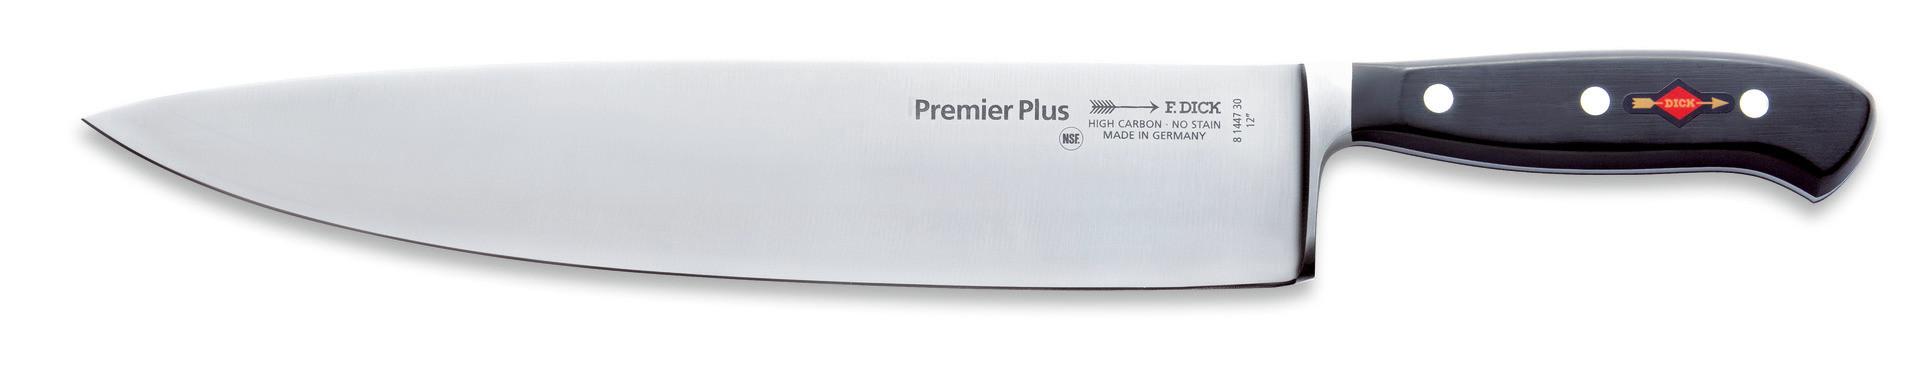 Premier Plus, Kochmesser Klingenlänge 300 mm